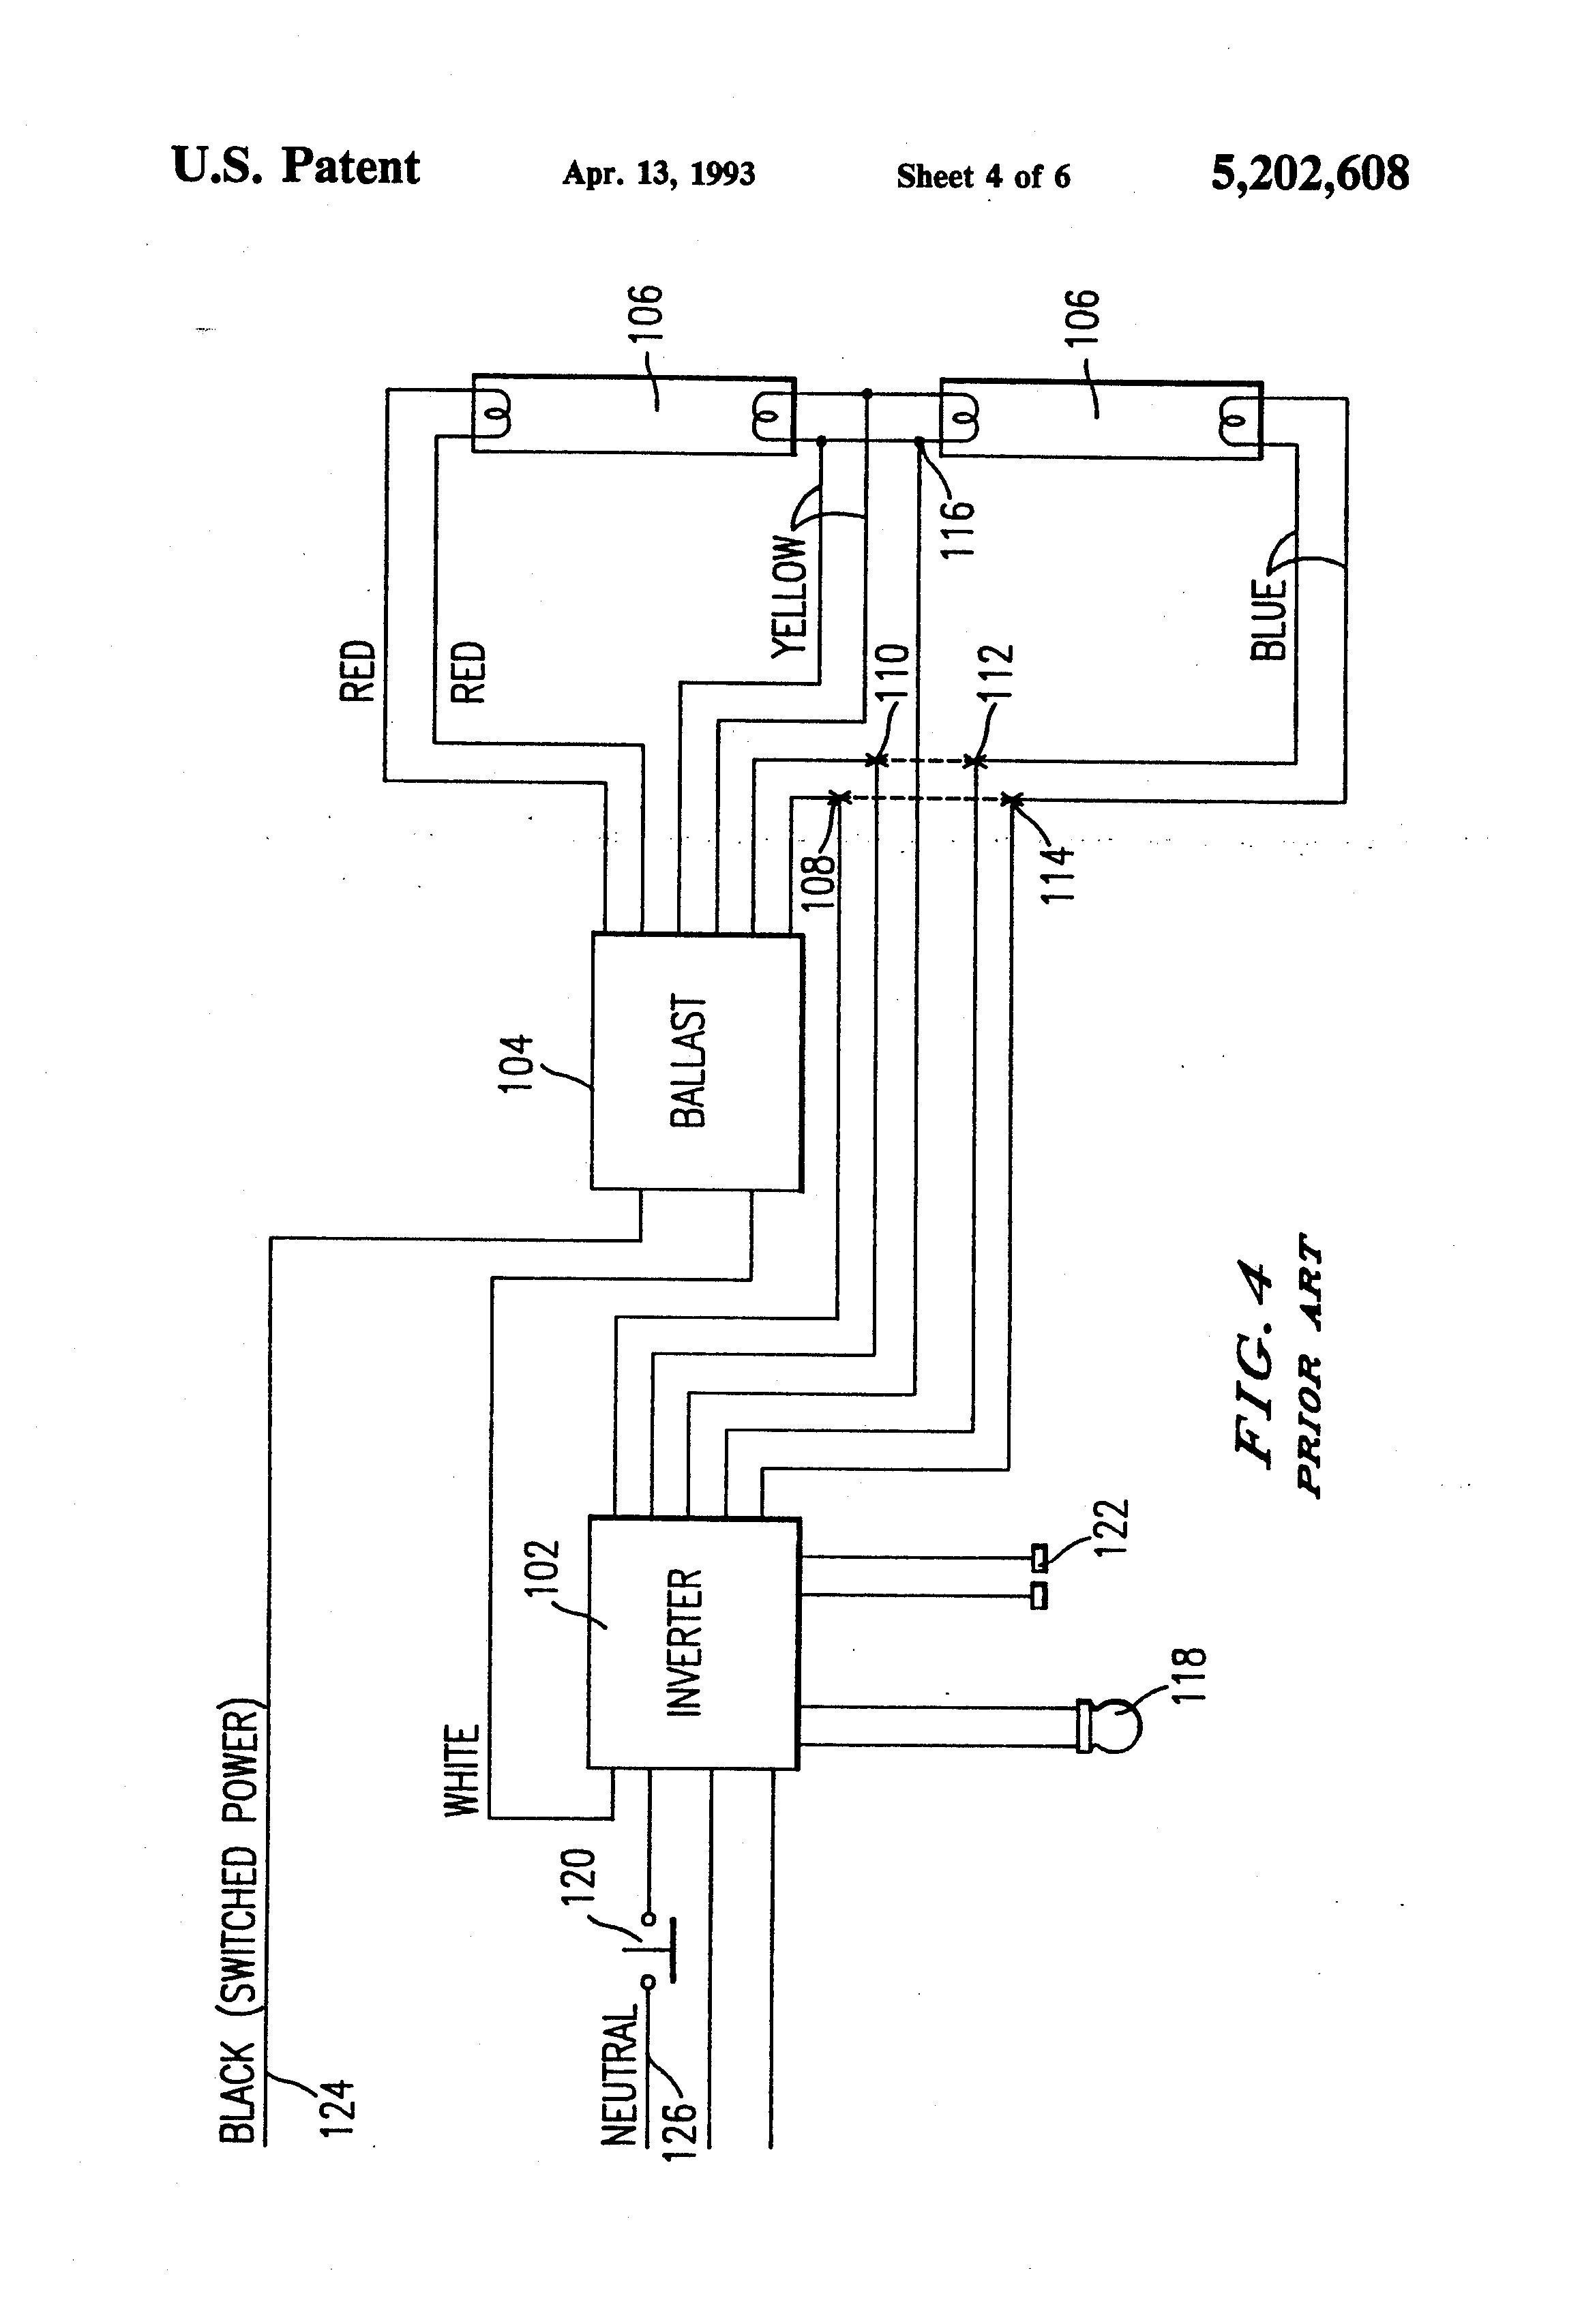 110v Light Sensor Wiring Diagram - 2005 Chevy Impala Fuse Box Diagram for Wiring  Diagram SchematicsWiring Diagram Schematics